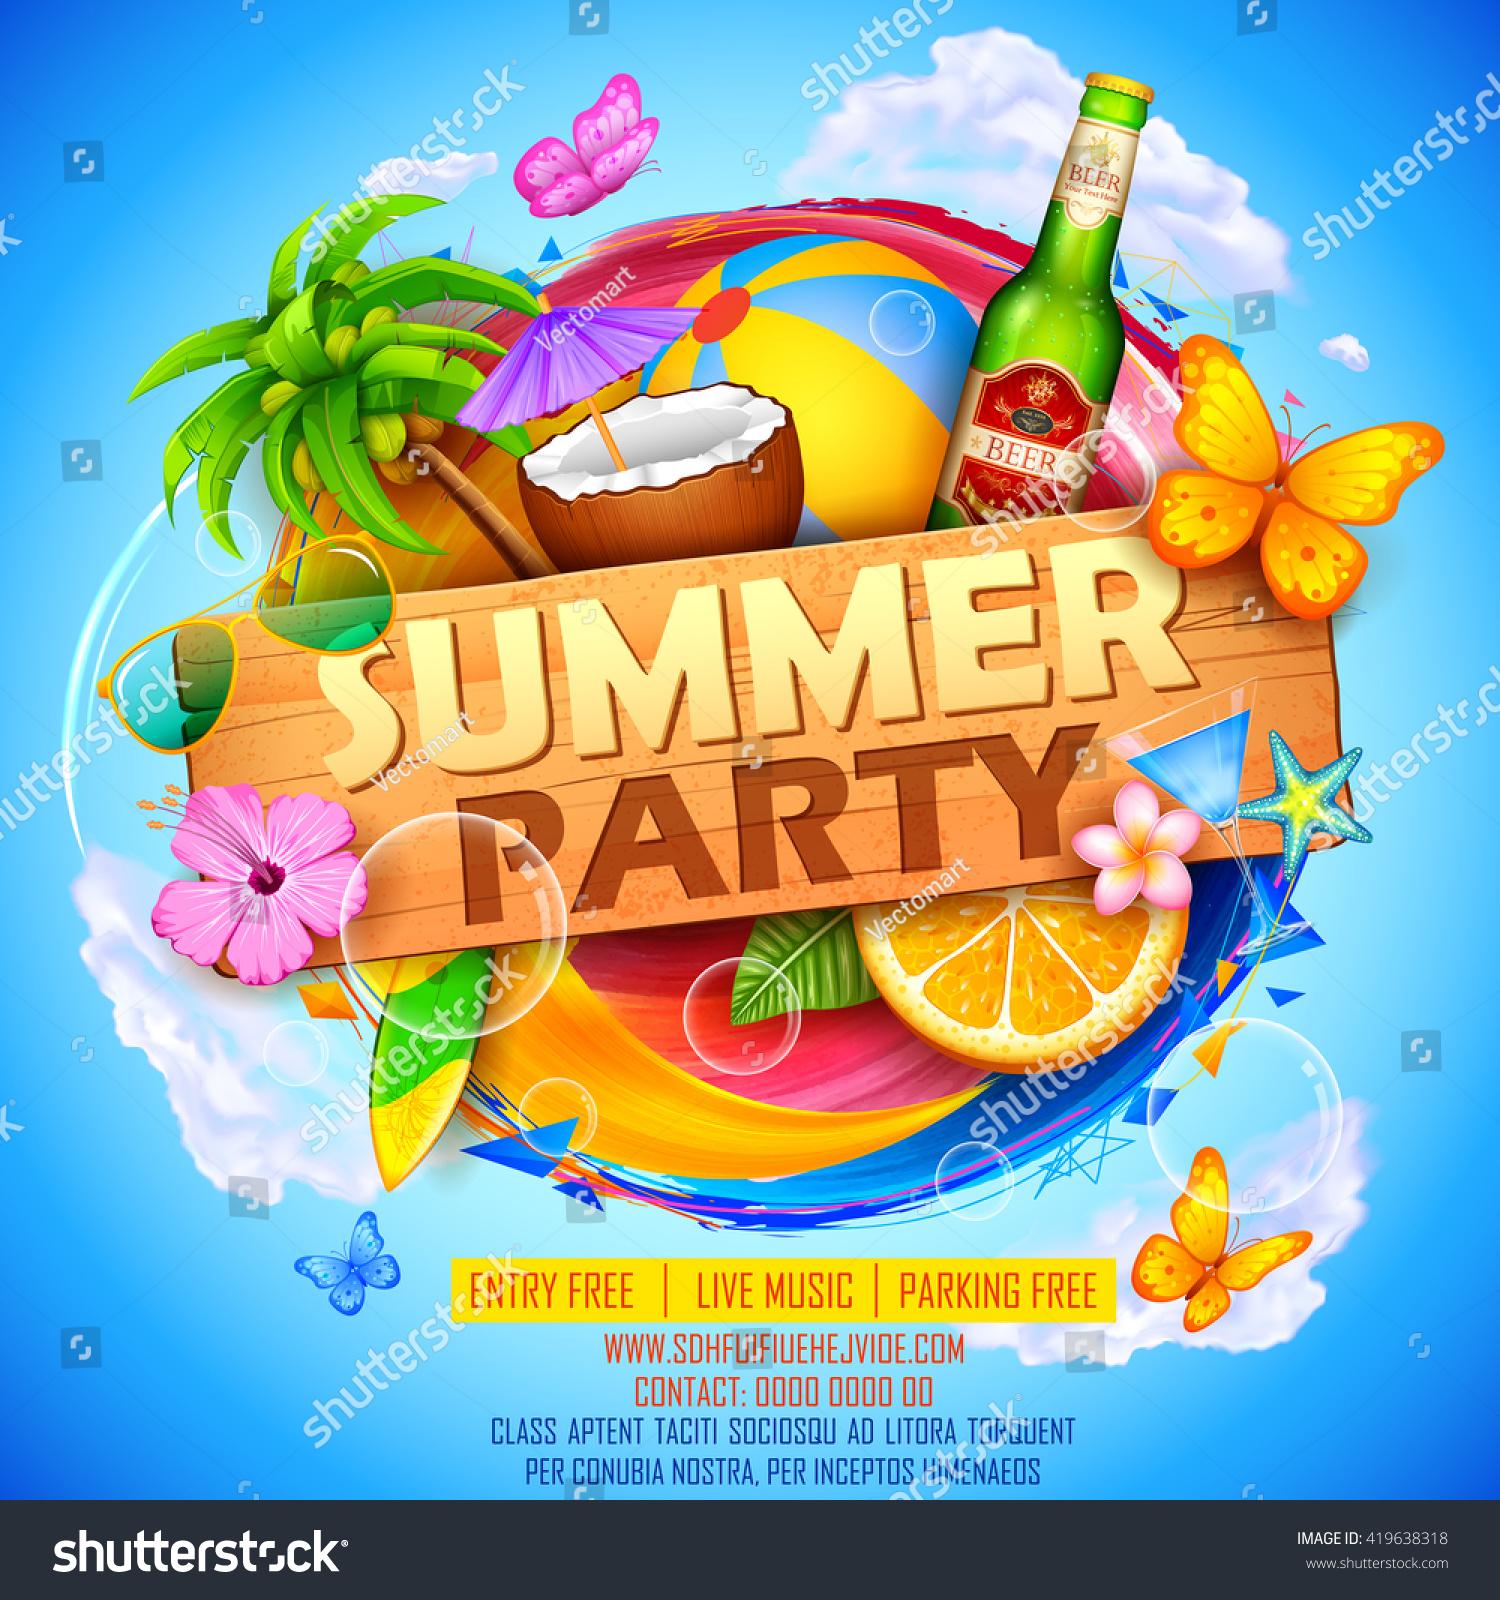 Poster design illustrator - Illustration Of Summer Party Poster Design